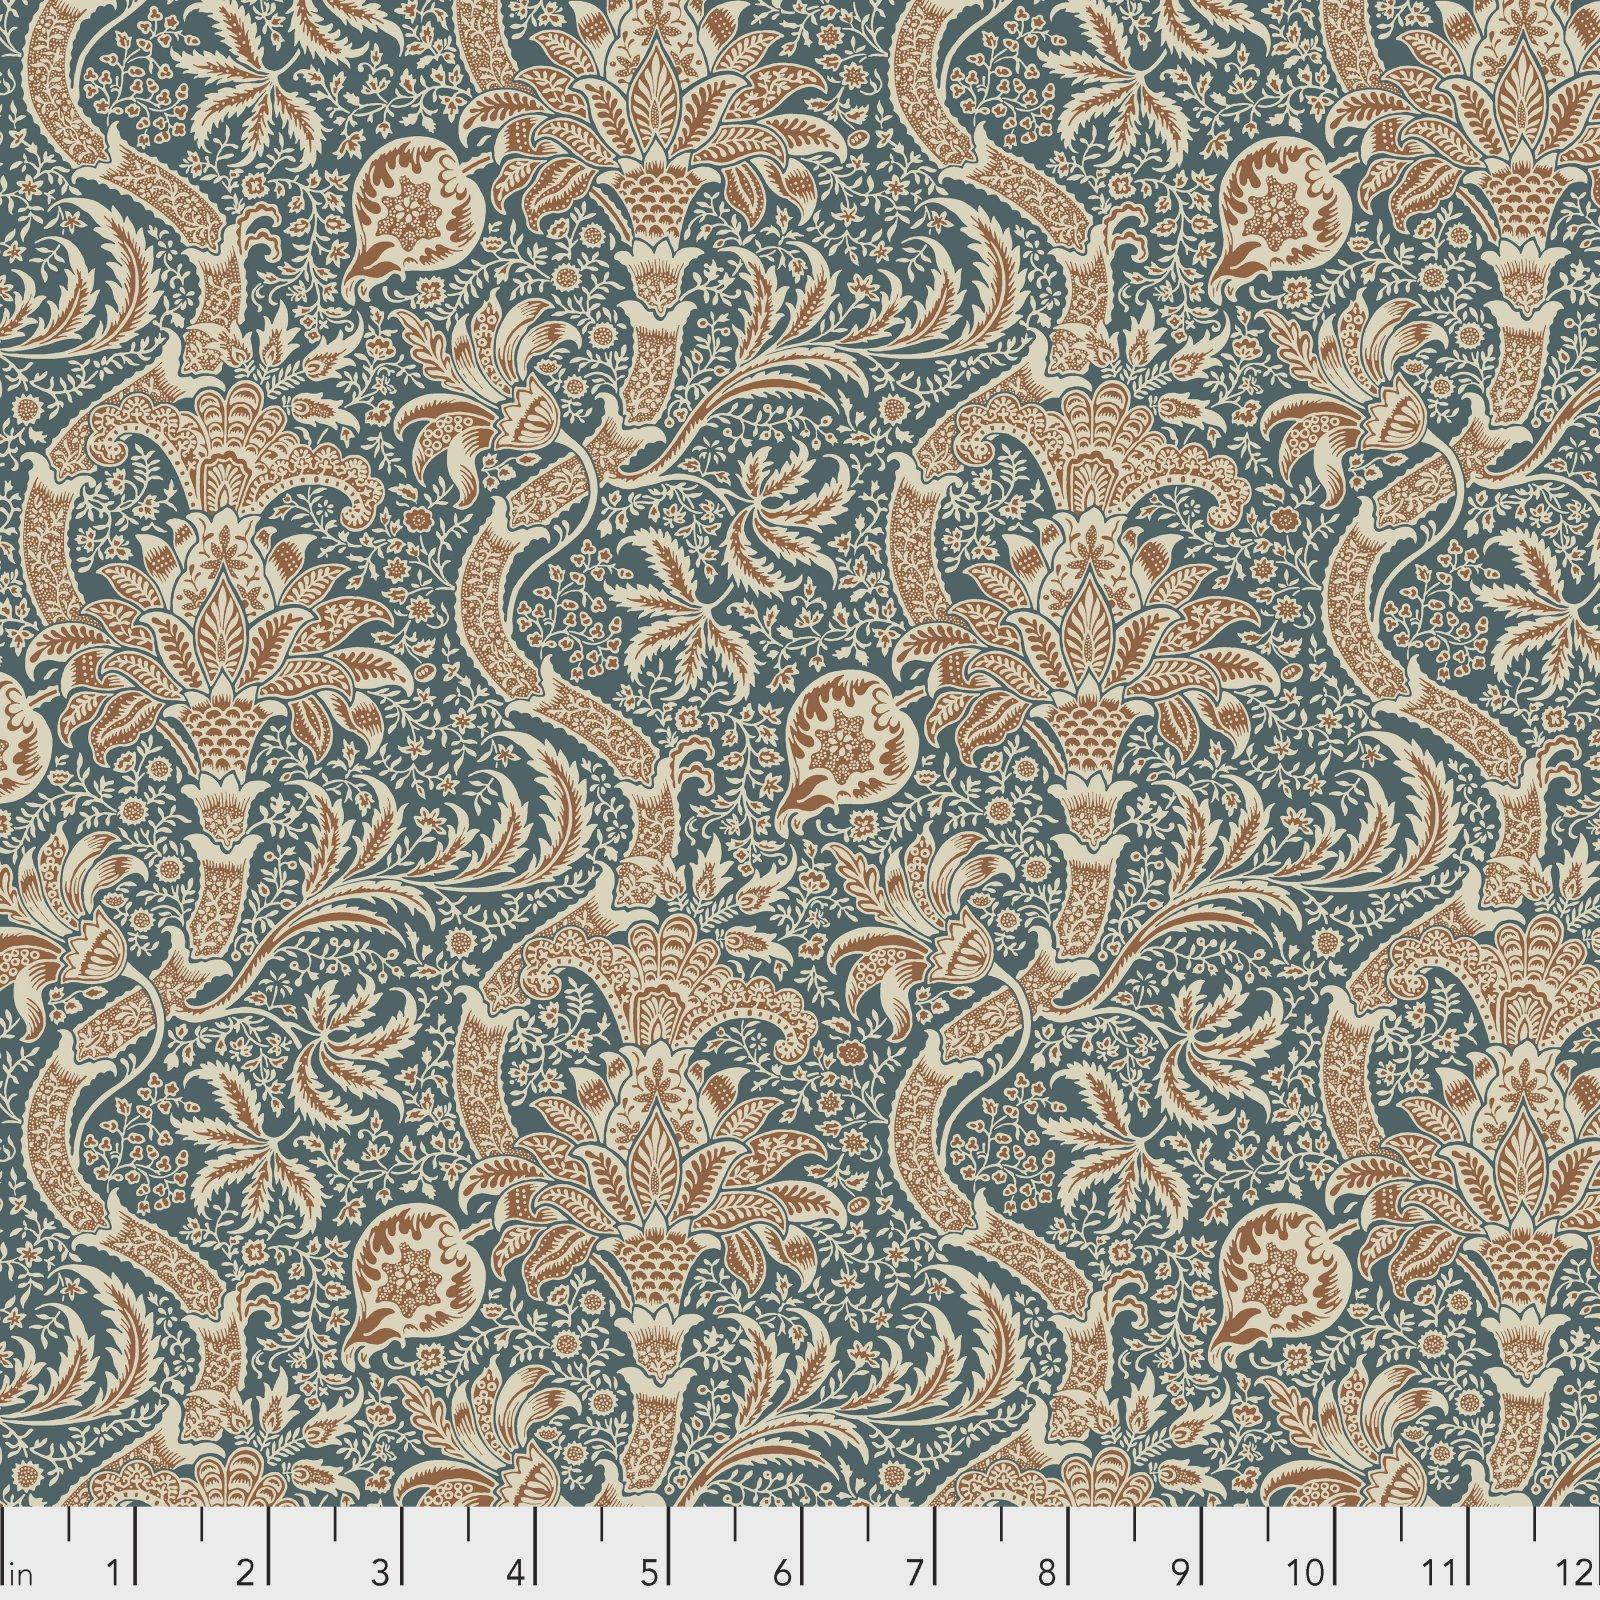 Free Spirit William Morris Montagu PWWM017.FORES